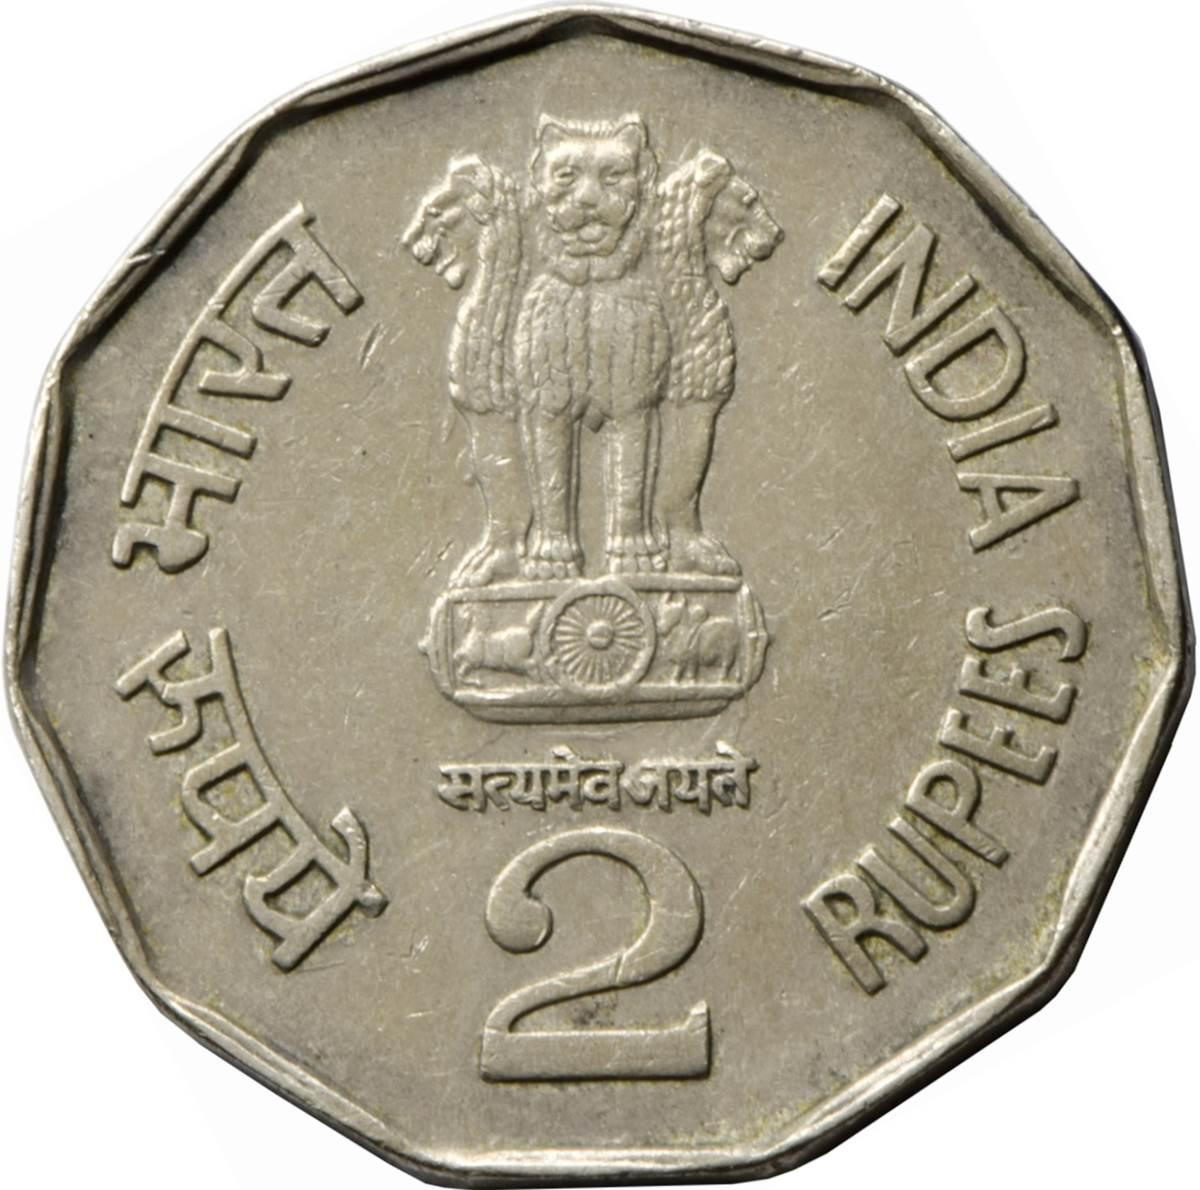 INDIA 2 RUPEES KM131 1998 SRI AUROBINDO UNC COMMEMORATIVE INDIAN MONEY COIN